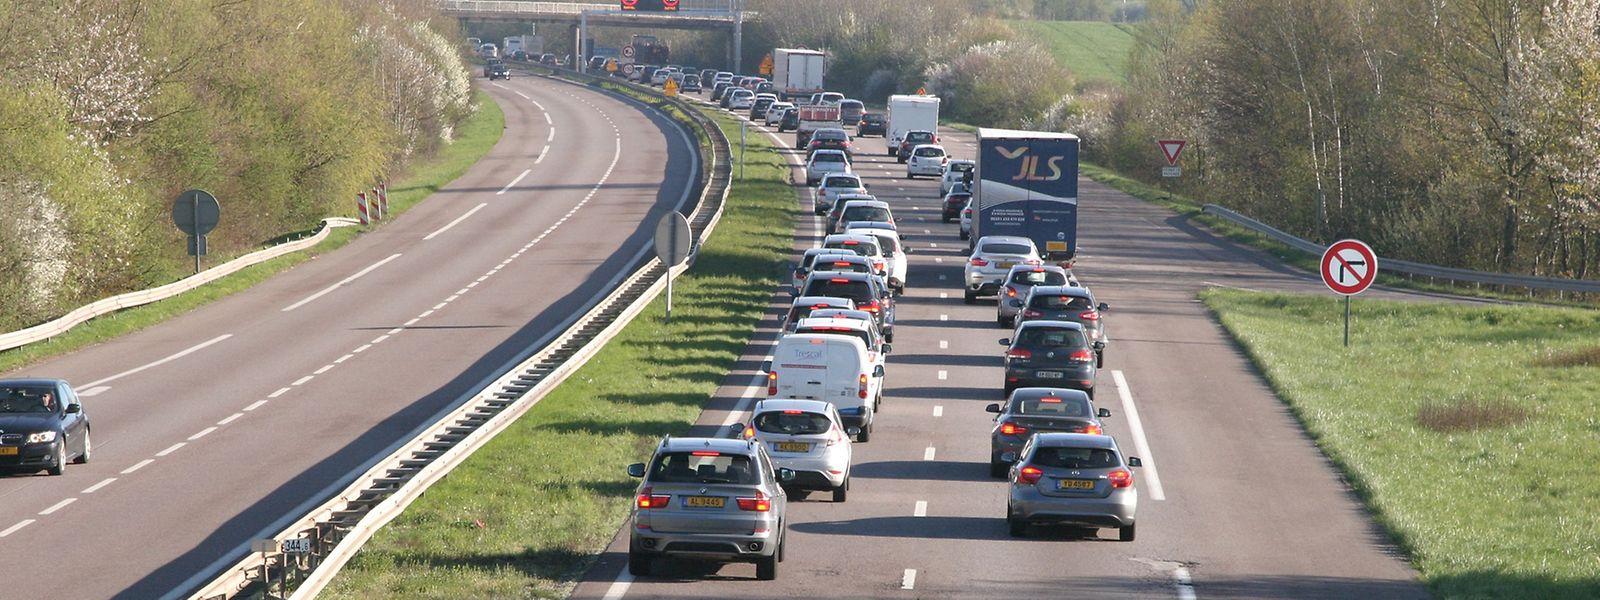 Le trafic sur l'A31 a augmenté de 56% au cours des quinze dernières années entre Thionville et le Luxembourg.